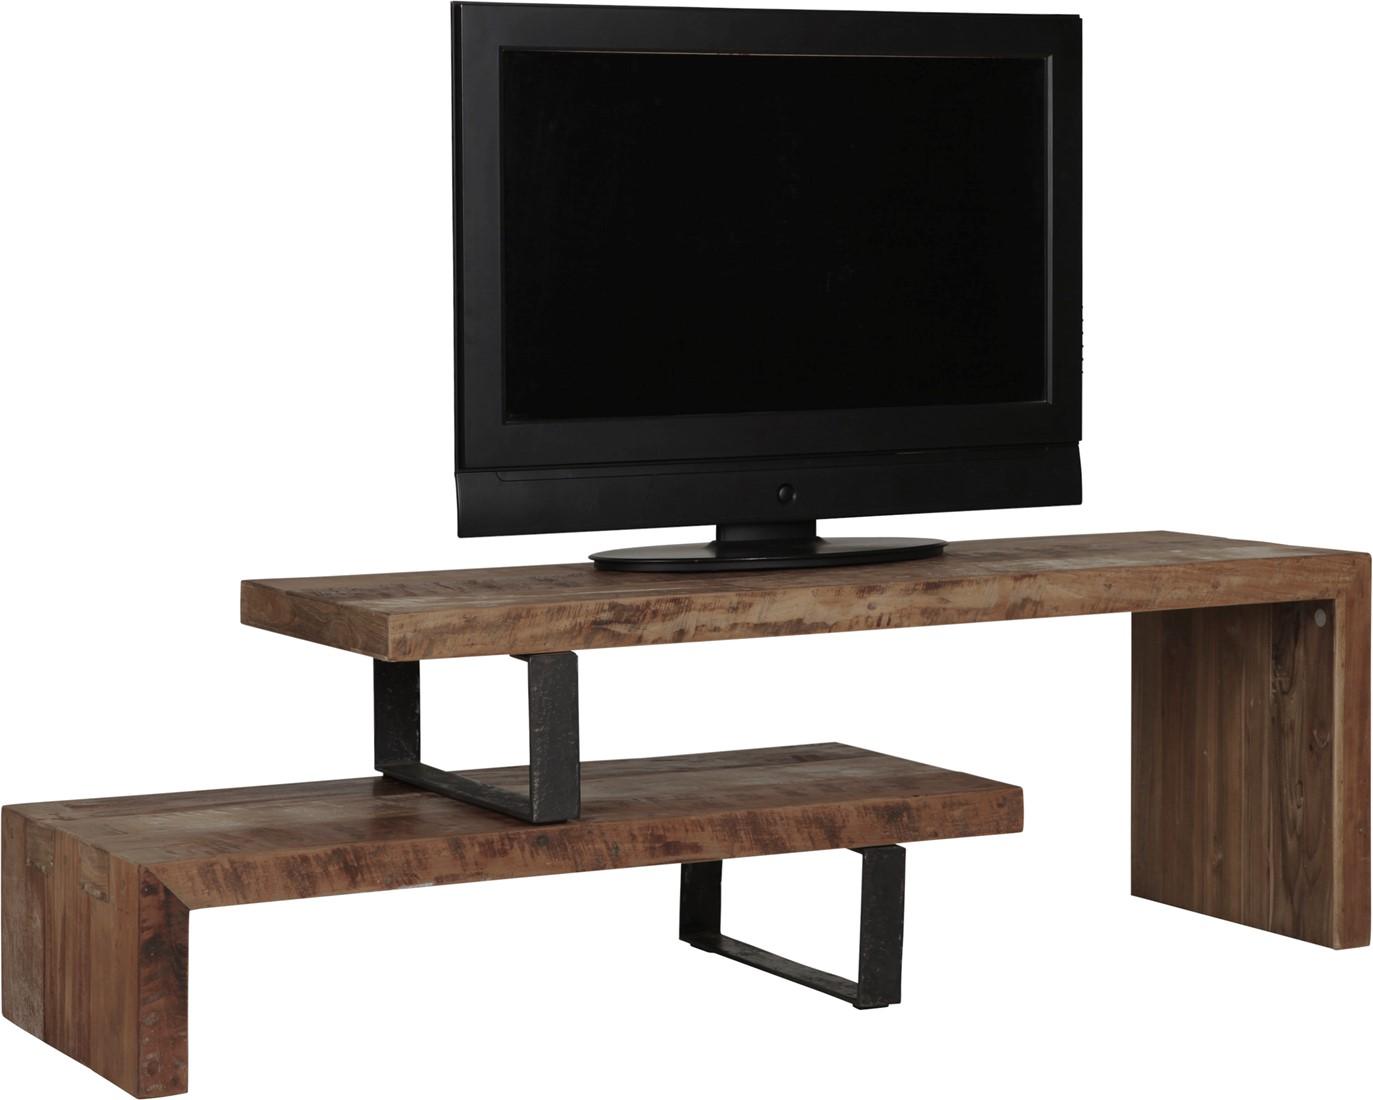 Tv Kast Hoog.D Bodhi Tv Meubel Soul Verlengbaar 120 Cm